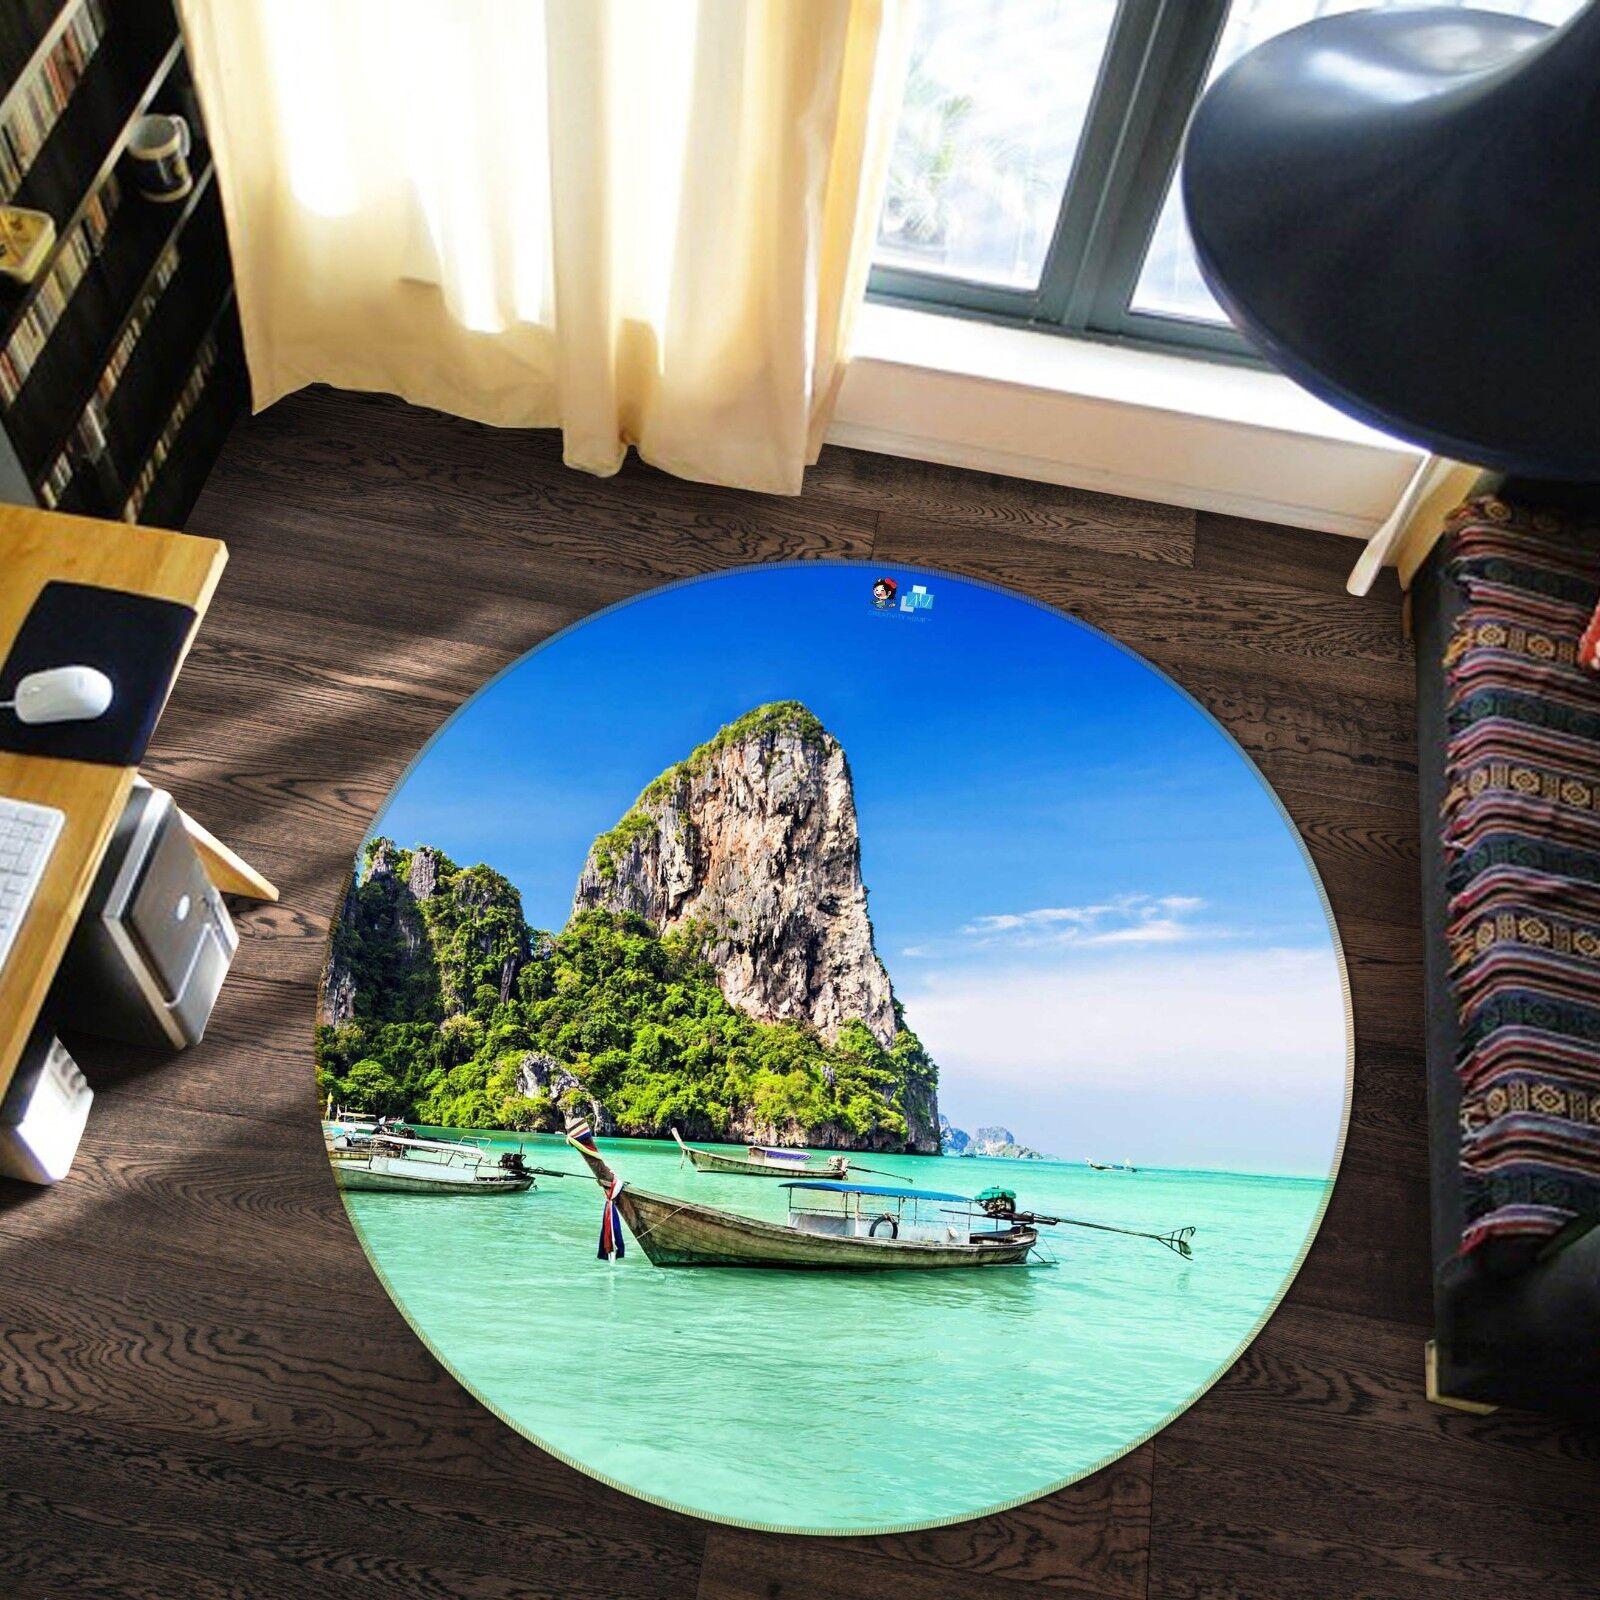 3D Hills Boat 122 Non Slip Slip Slip Rug Mat Room Mat Round Elegant Carpet UK Carly 6de554